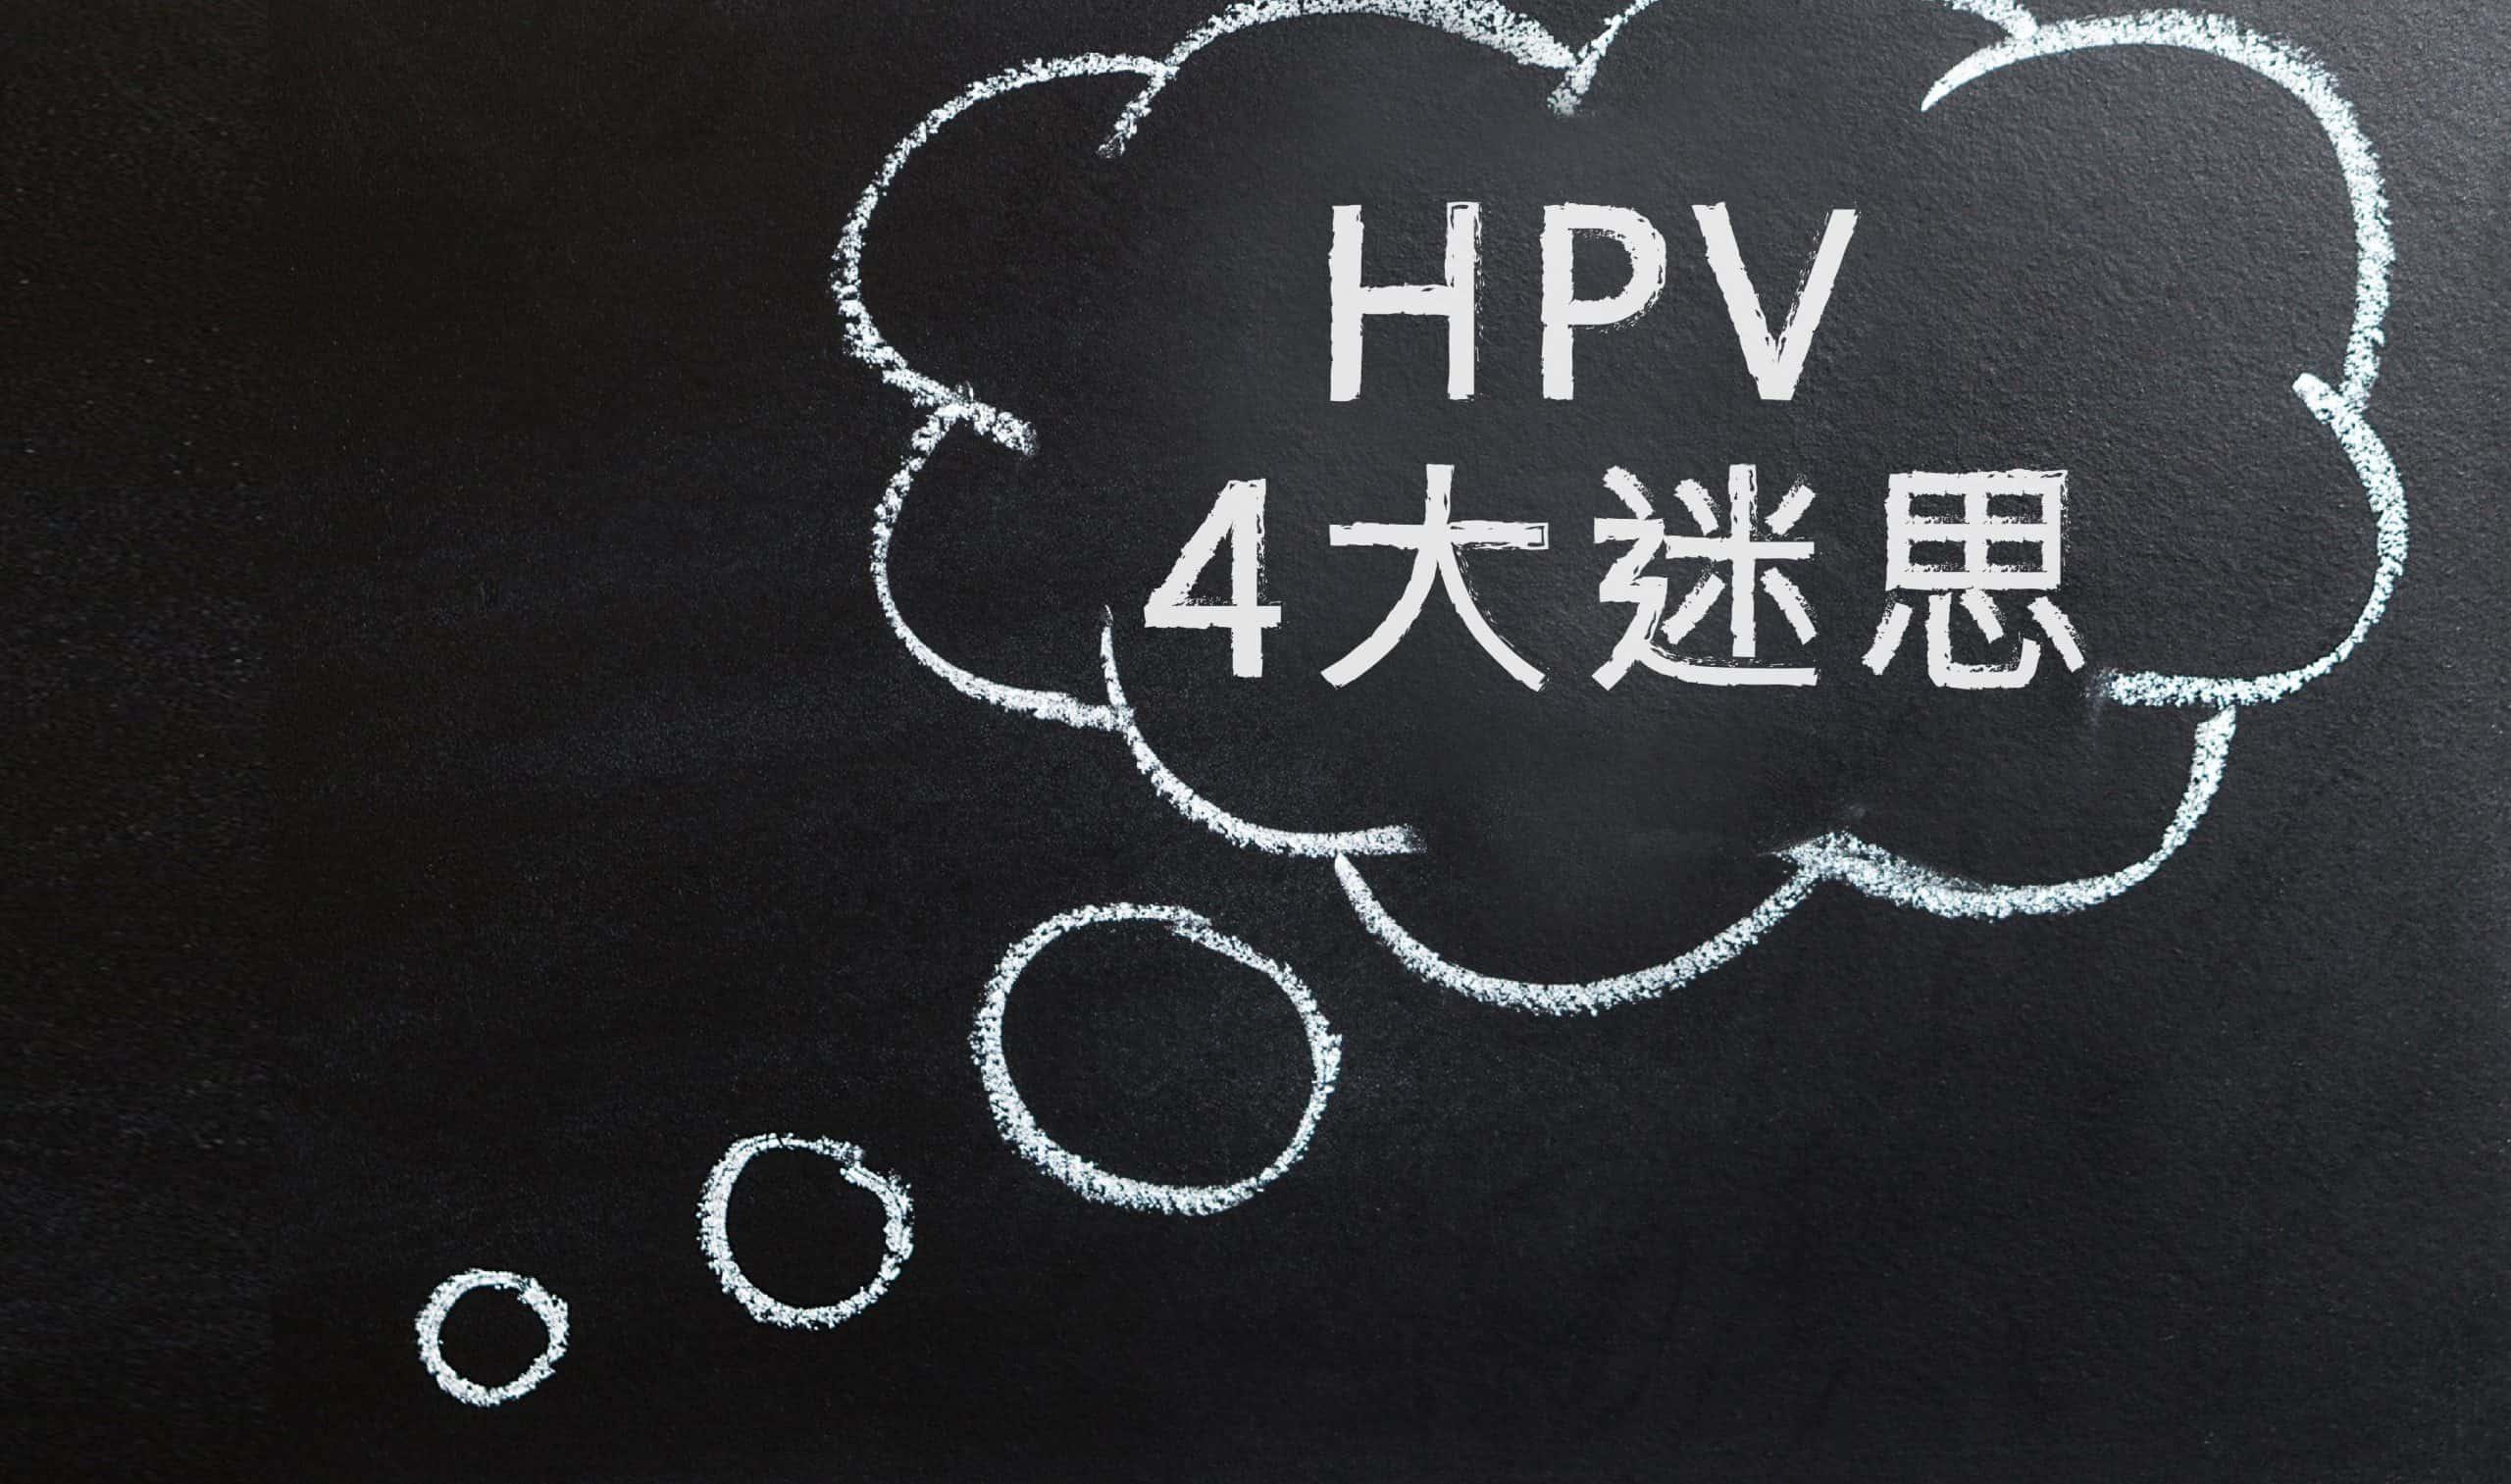 打hpv疫苗年齡有無限制?最平唔係家計會?一文破解4大迷思